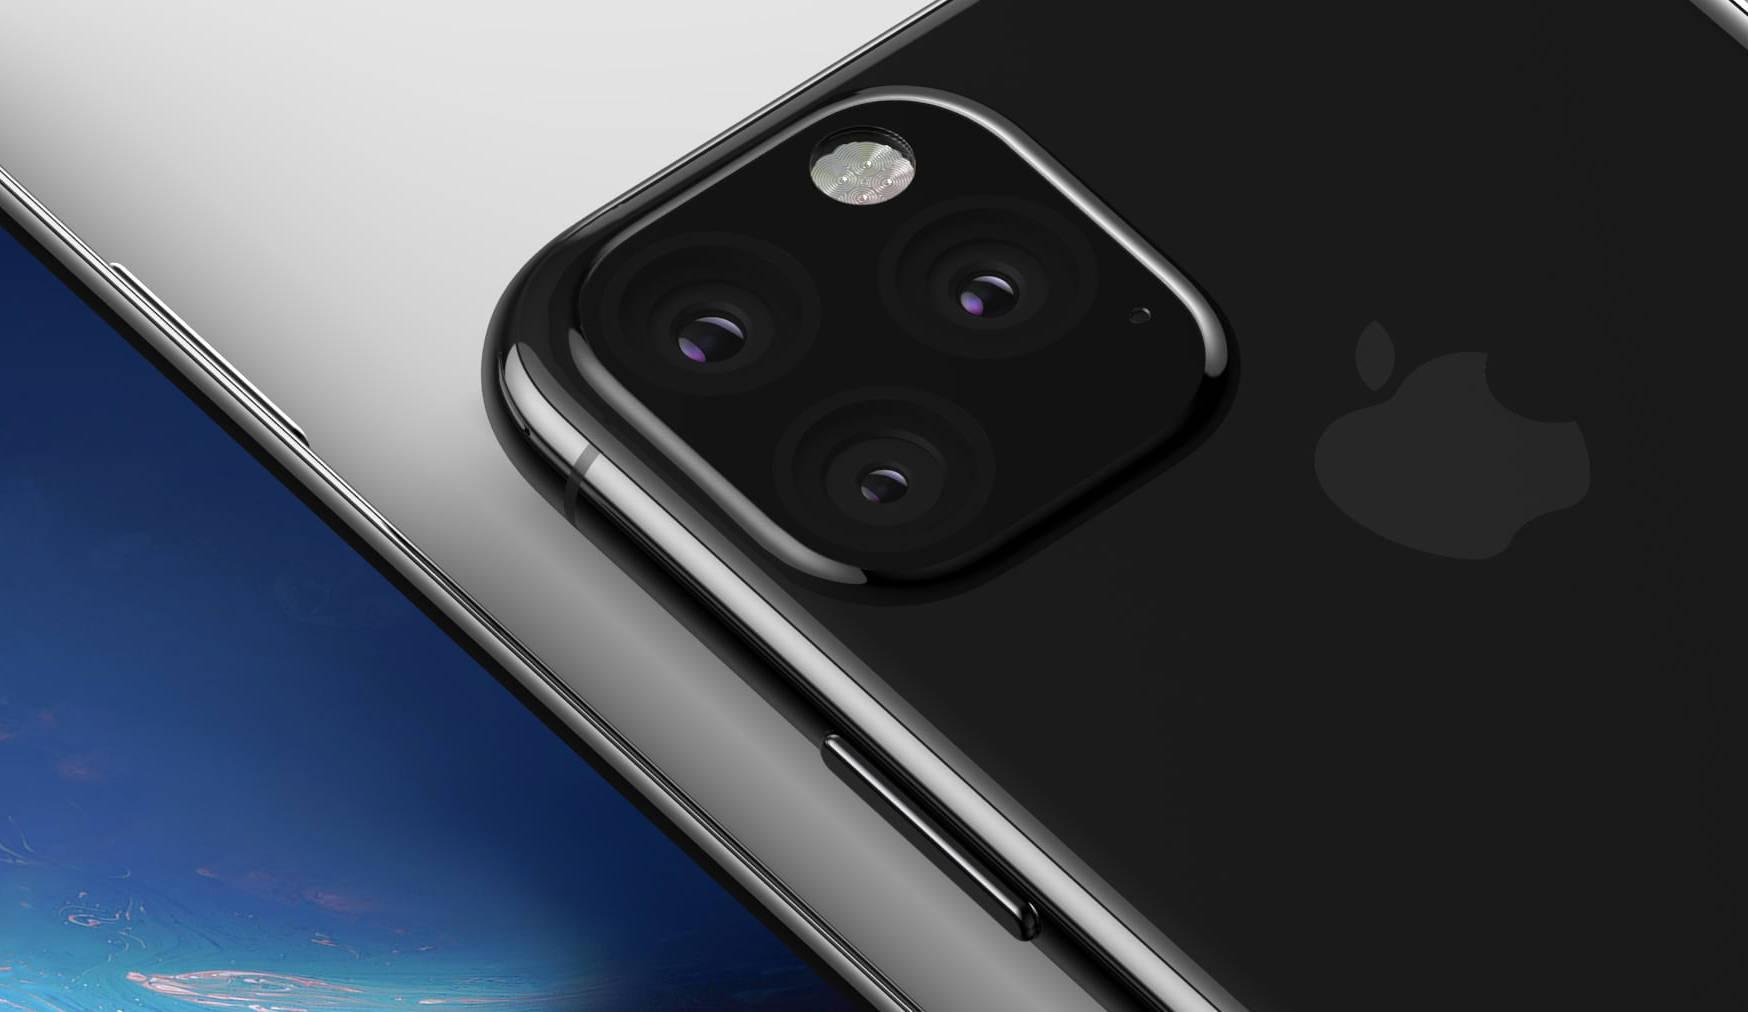 konferencja Apple Event nowy iPhone 11 2019 gdzie oglądać live stream transmisja iPhone Pro Max 2019